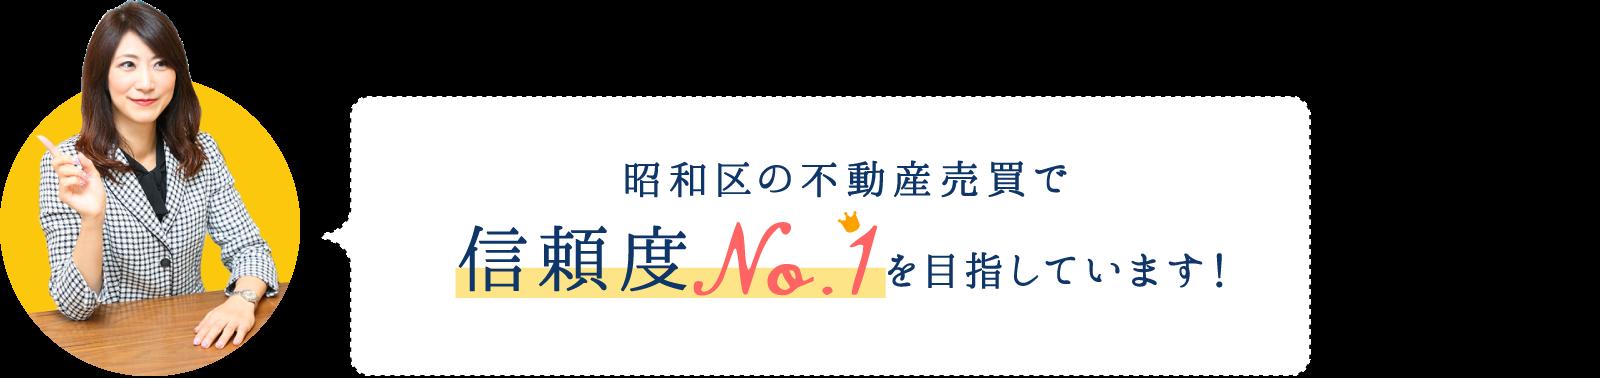 昭和区の不動産売買で信頼度No.1を目指しています!